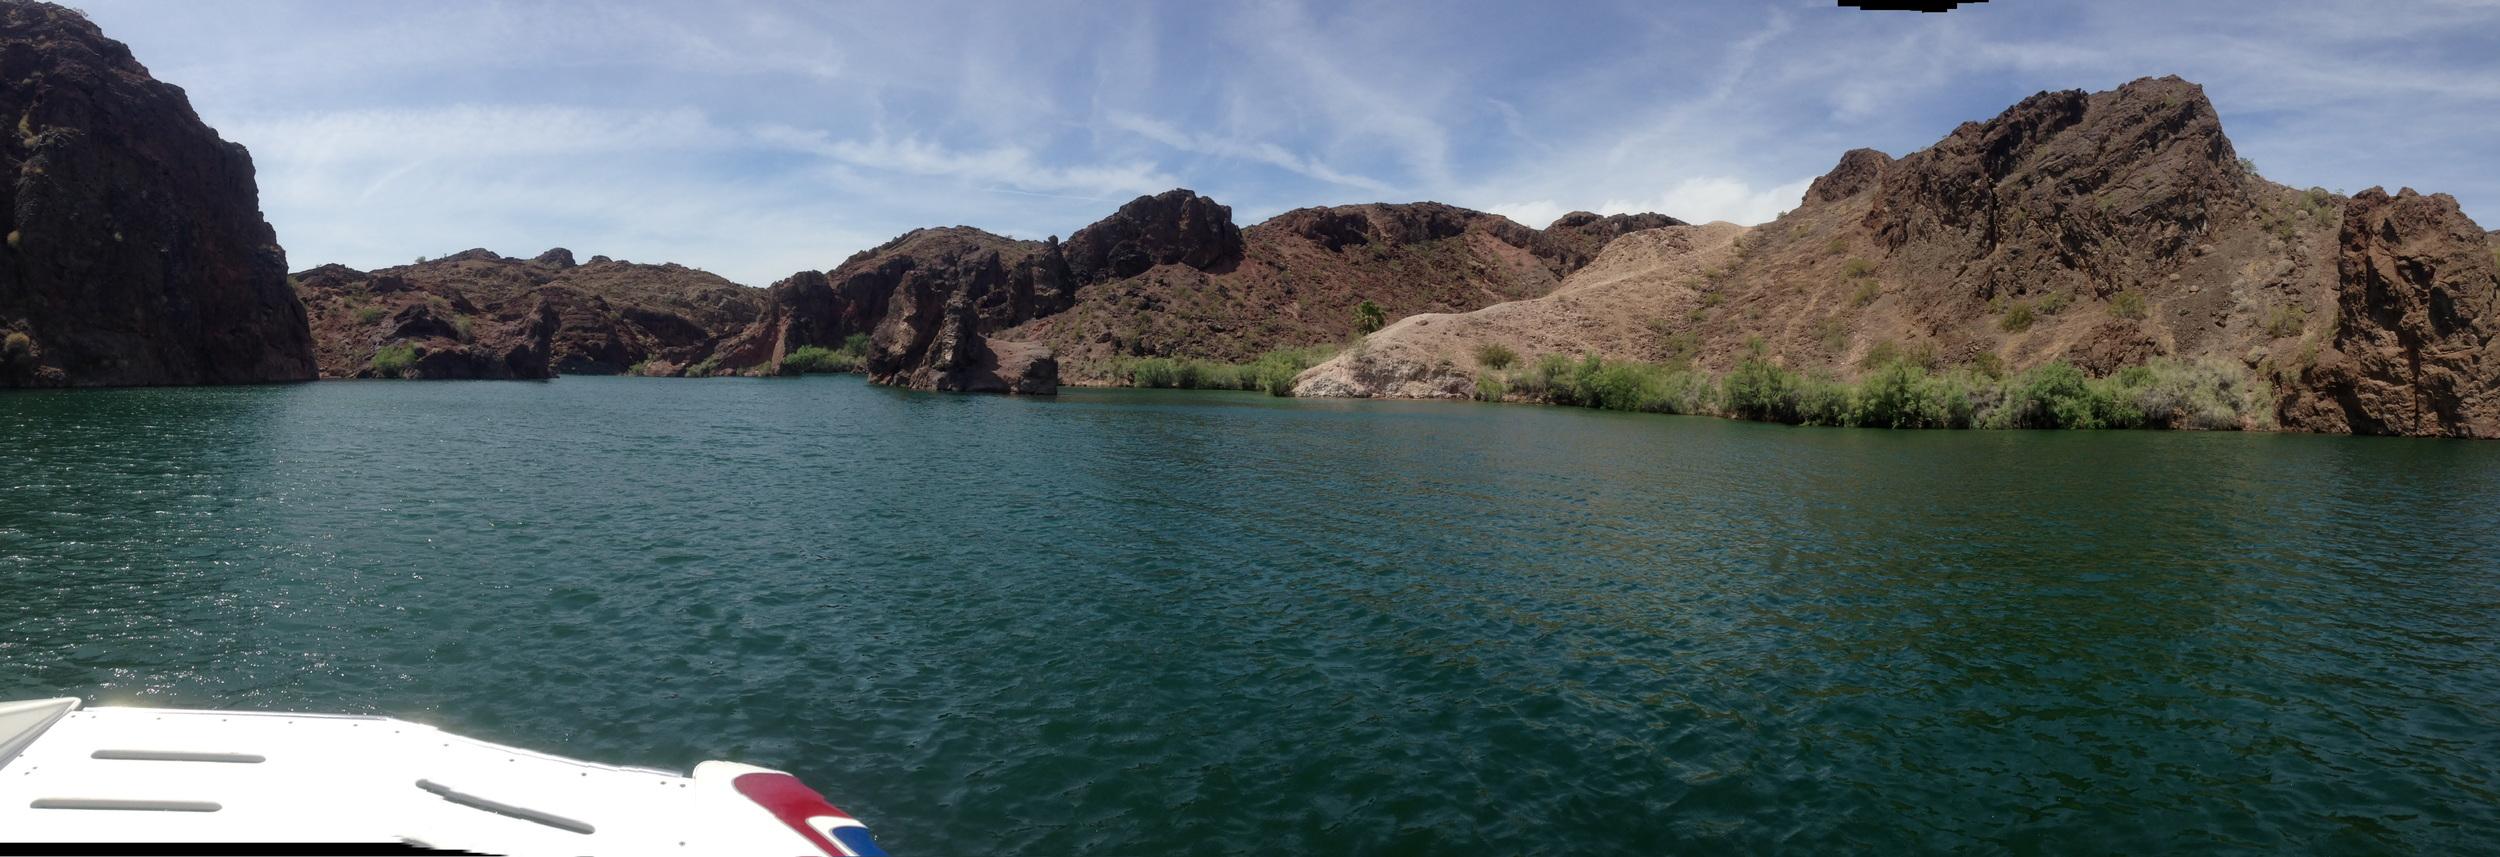 LAKE HAVASU, AZ // IMAGES BY @LIL_EEEEEEEEE // IM ON A BOAT!